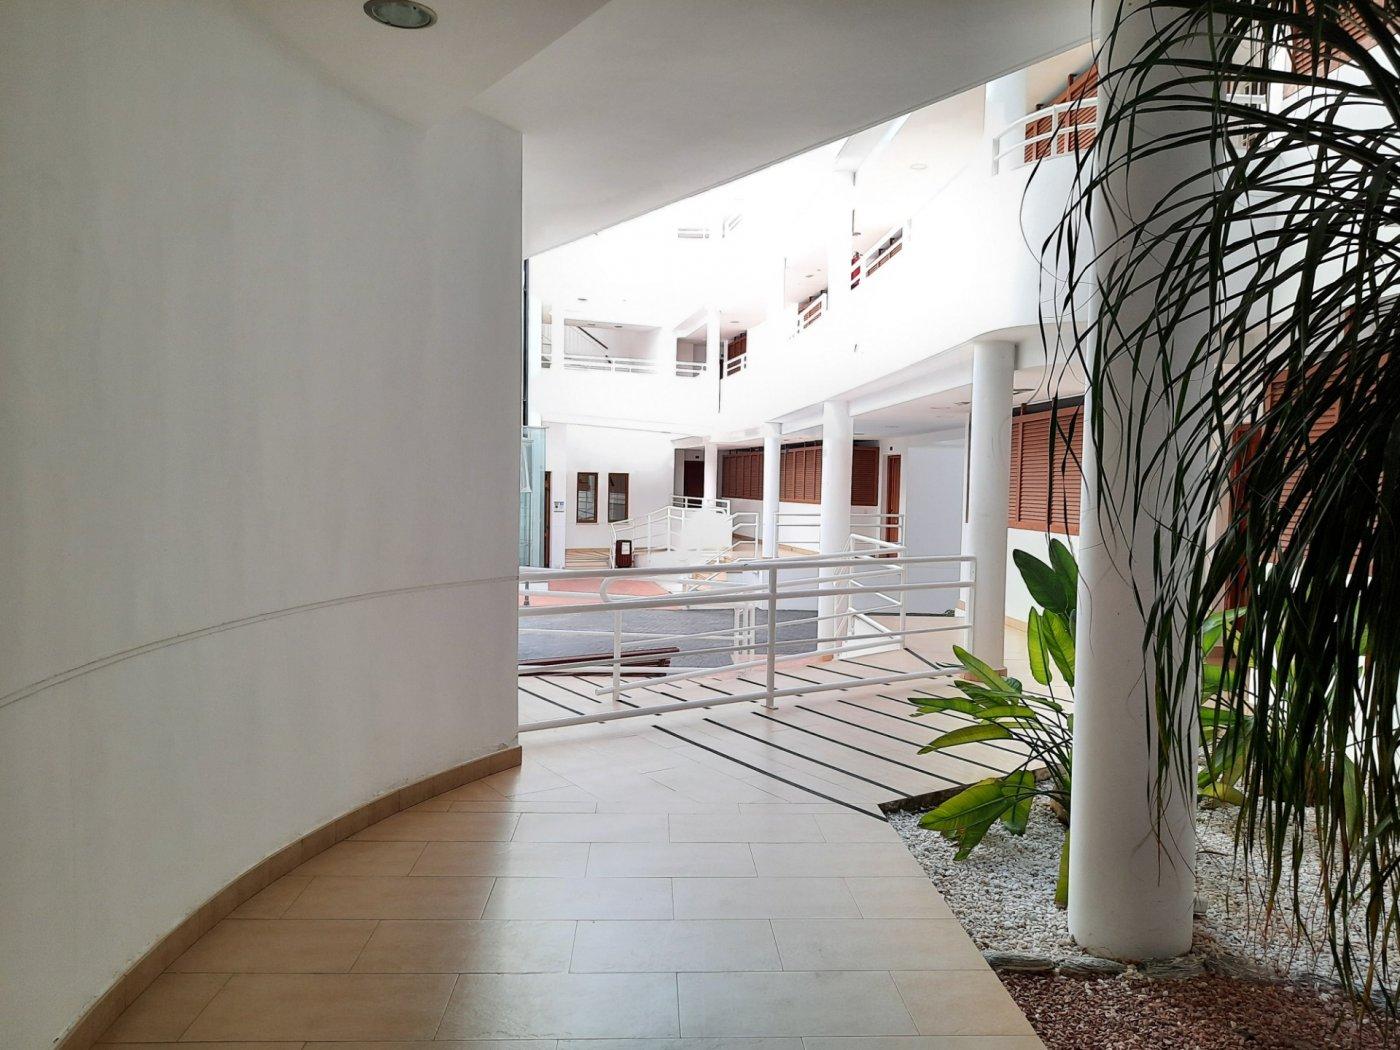 Espacioso piso en altea - imagenInmueble18